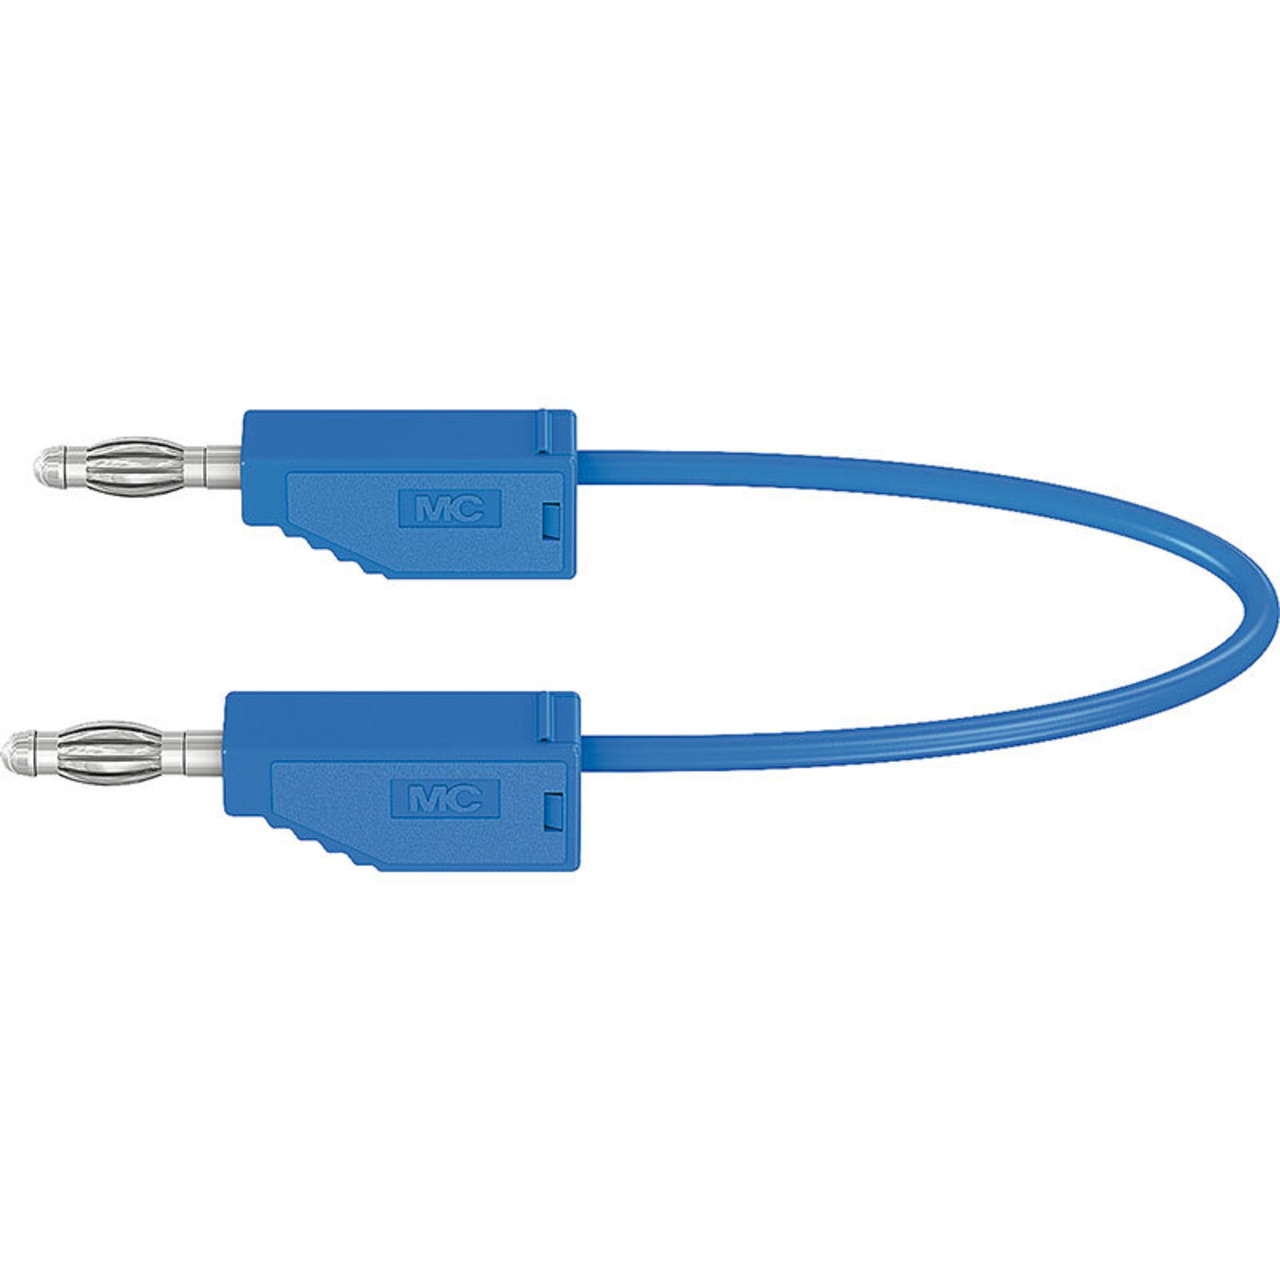 Silikon-Verbindungsleitungen LK425-A-SIL 4 mm- 30A- 2m- blau